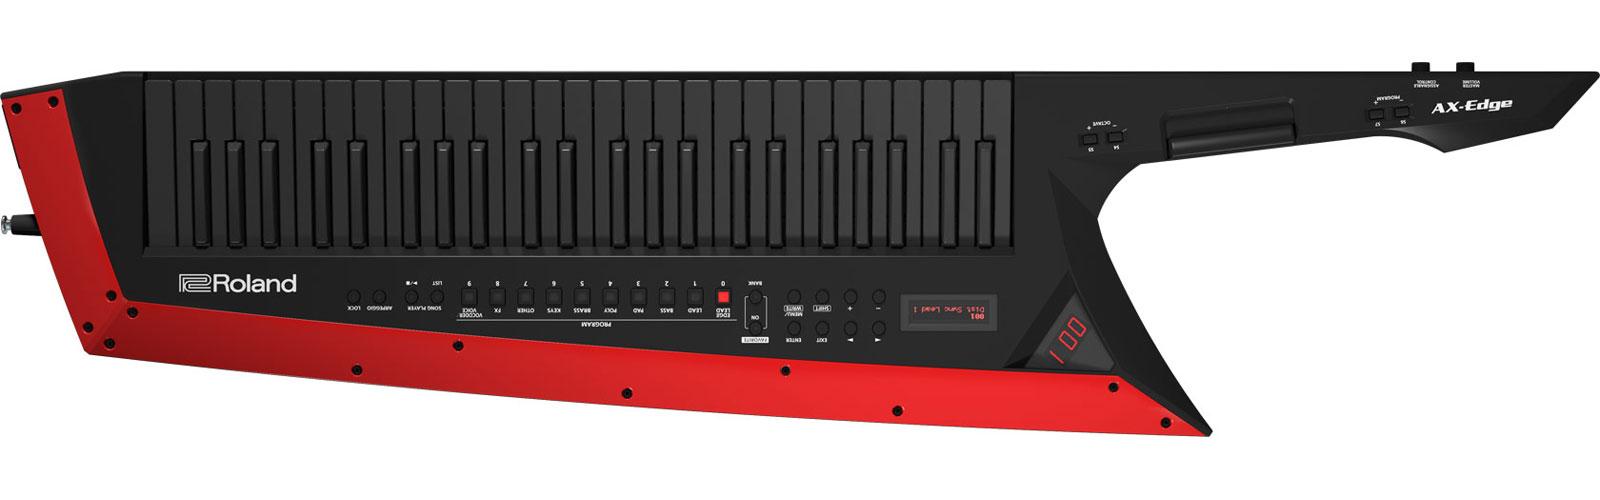 Roland Ax-edge Keytar Noir